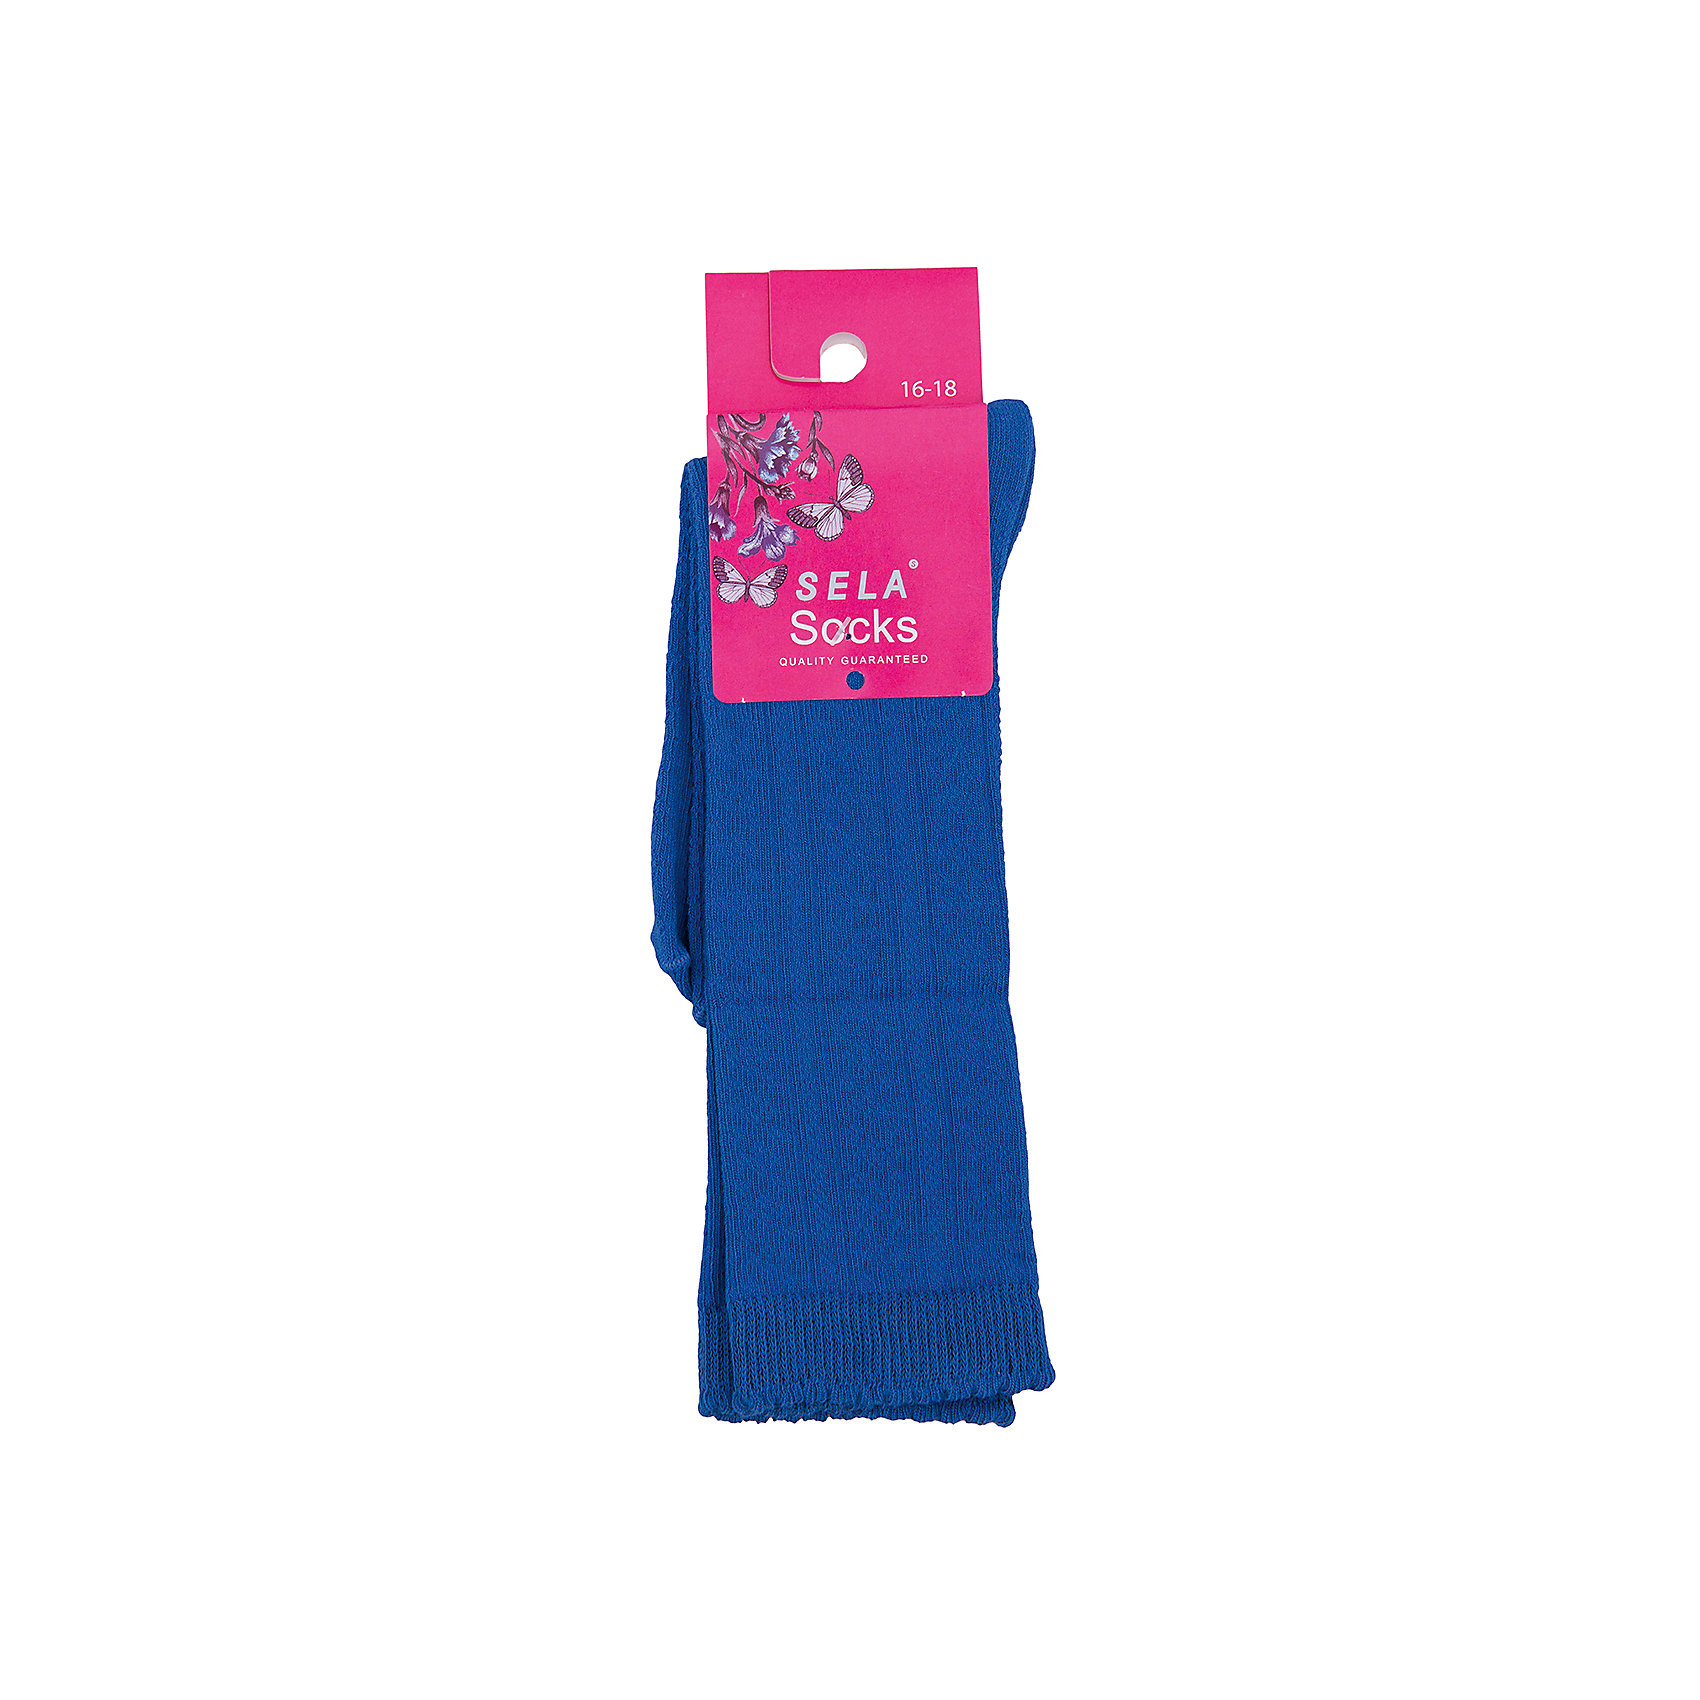 Носки для девочки SELAНоски<br>Удобные носки - неотъемлемая составляющая комфорта ребенка. Эта модель отлично сидит на девочке, она сшита из приятного на ощупь материала, мягкая и дышащая. Натуральный хлопок в составе ткани не вызывает аллергии и обеспечивает ребенку комфорт. Мягкая резинка не сдавливает ногу.<br>Одежда от бренда Sela (Села) - это качество по приемлемым ценам. Многие российские родители уже оценили преимущества продукции этой компании и всё чаще приобретают одежду и аксессуары Sela.<br><br>Дополнительная информация:<br><br>высокие;<br>материал: 75% хлопок, 23% ПЭ, 2% спандекс;<br>мягкая резинка;<br>трикотаж.<br><br>Носки для девочки от бренда Sela можно купить в нашем интернет-магазине.<br><br>Ширина мм: 87<br>Глубина мм: 10<br>Высота мм: 105<br>Вес г: 115<br>Цвет: голубой<br>Возраст от месяцев: 15<br>Возраст до месяцев: 18<br>Пол: Женский<br>Возраст: Детский<br>Размер: 22,16,18,20<br>SKU: 4883678